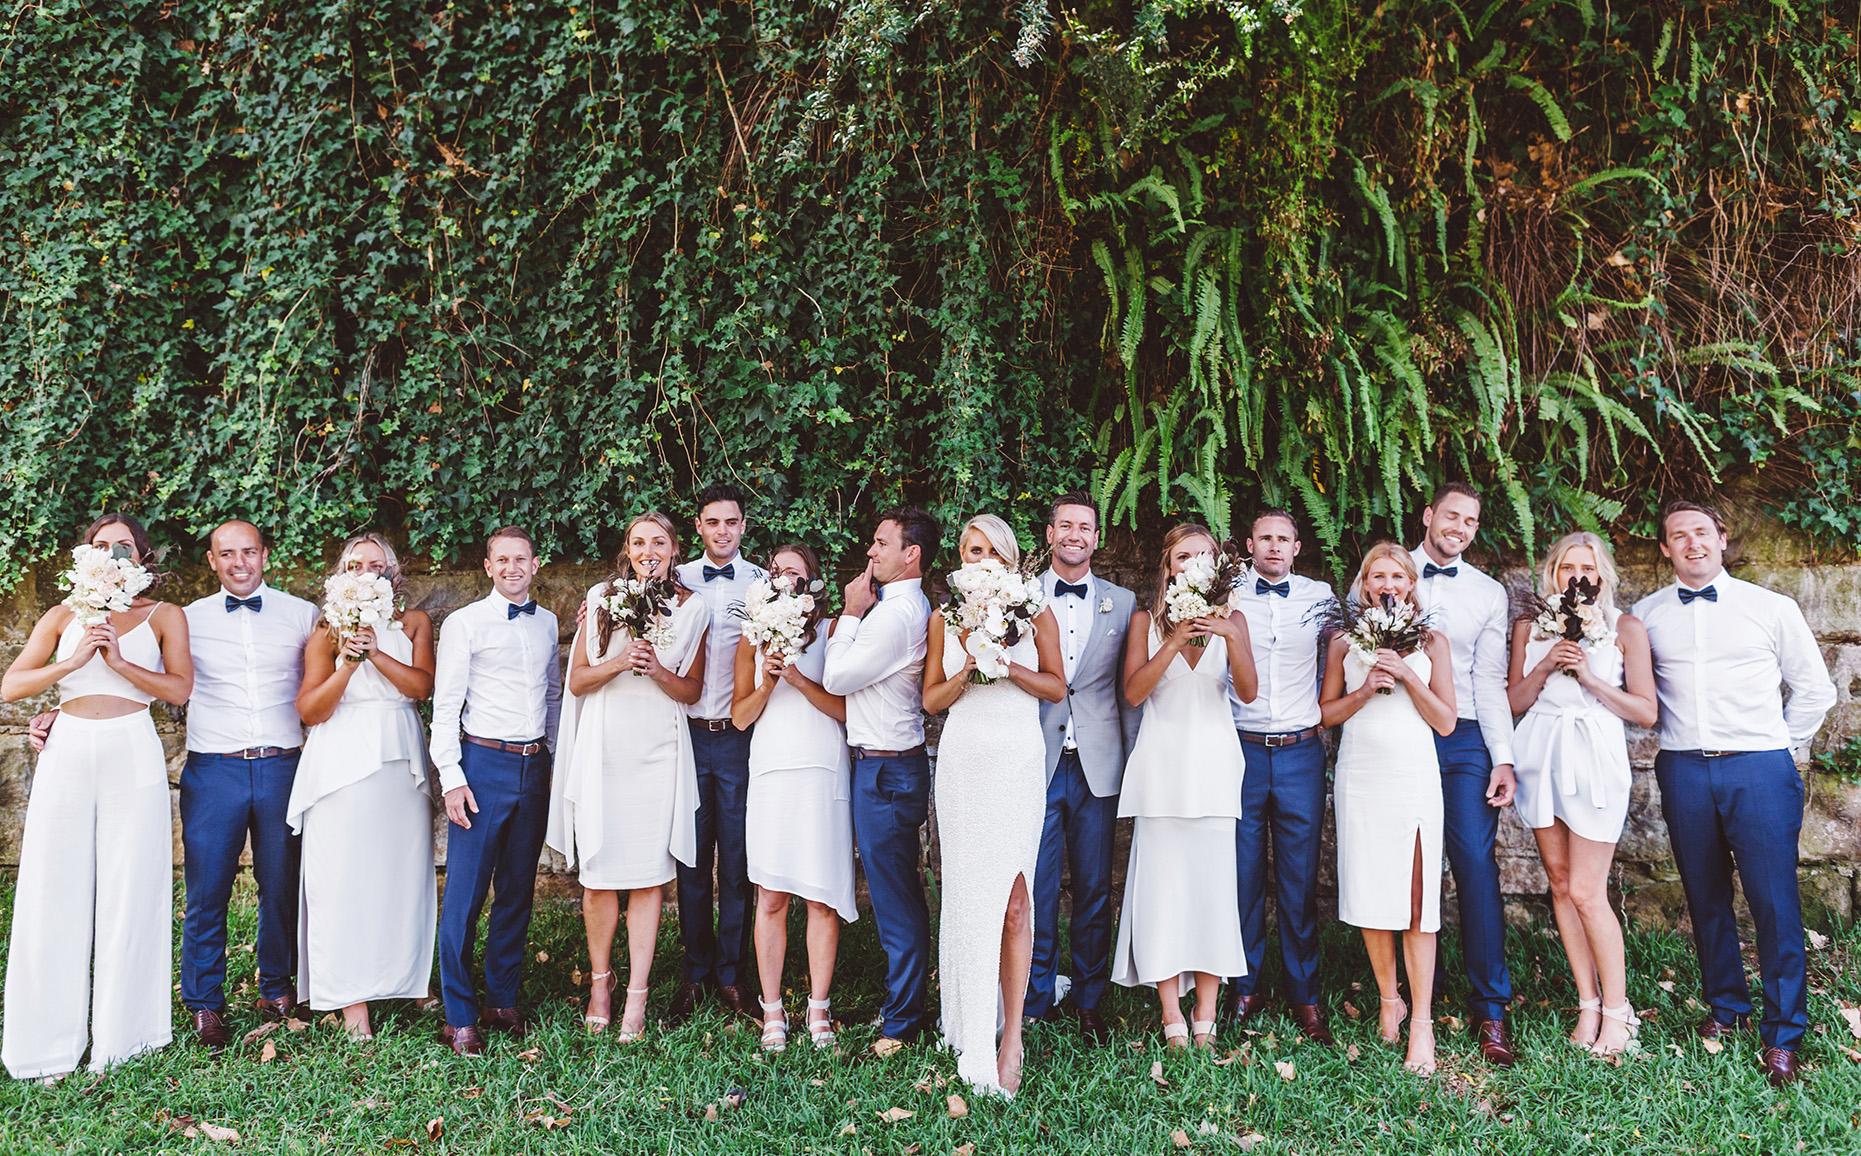 At Dusk Wedding Photography Sydney